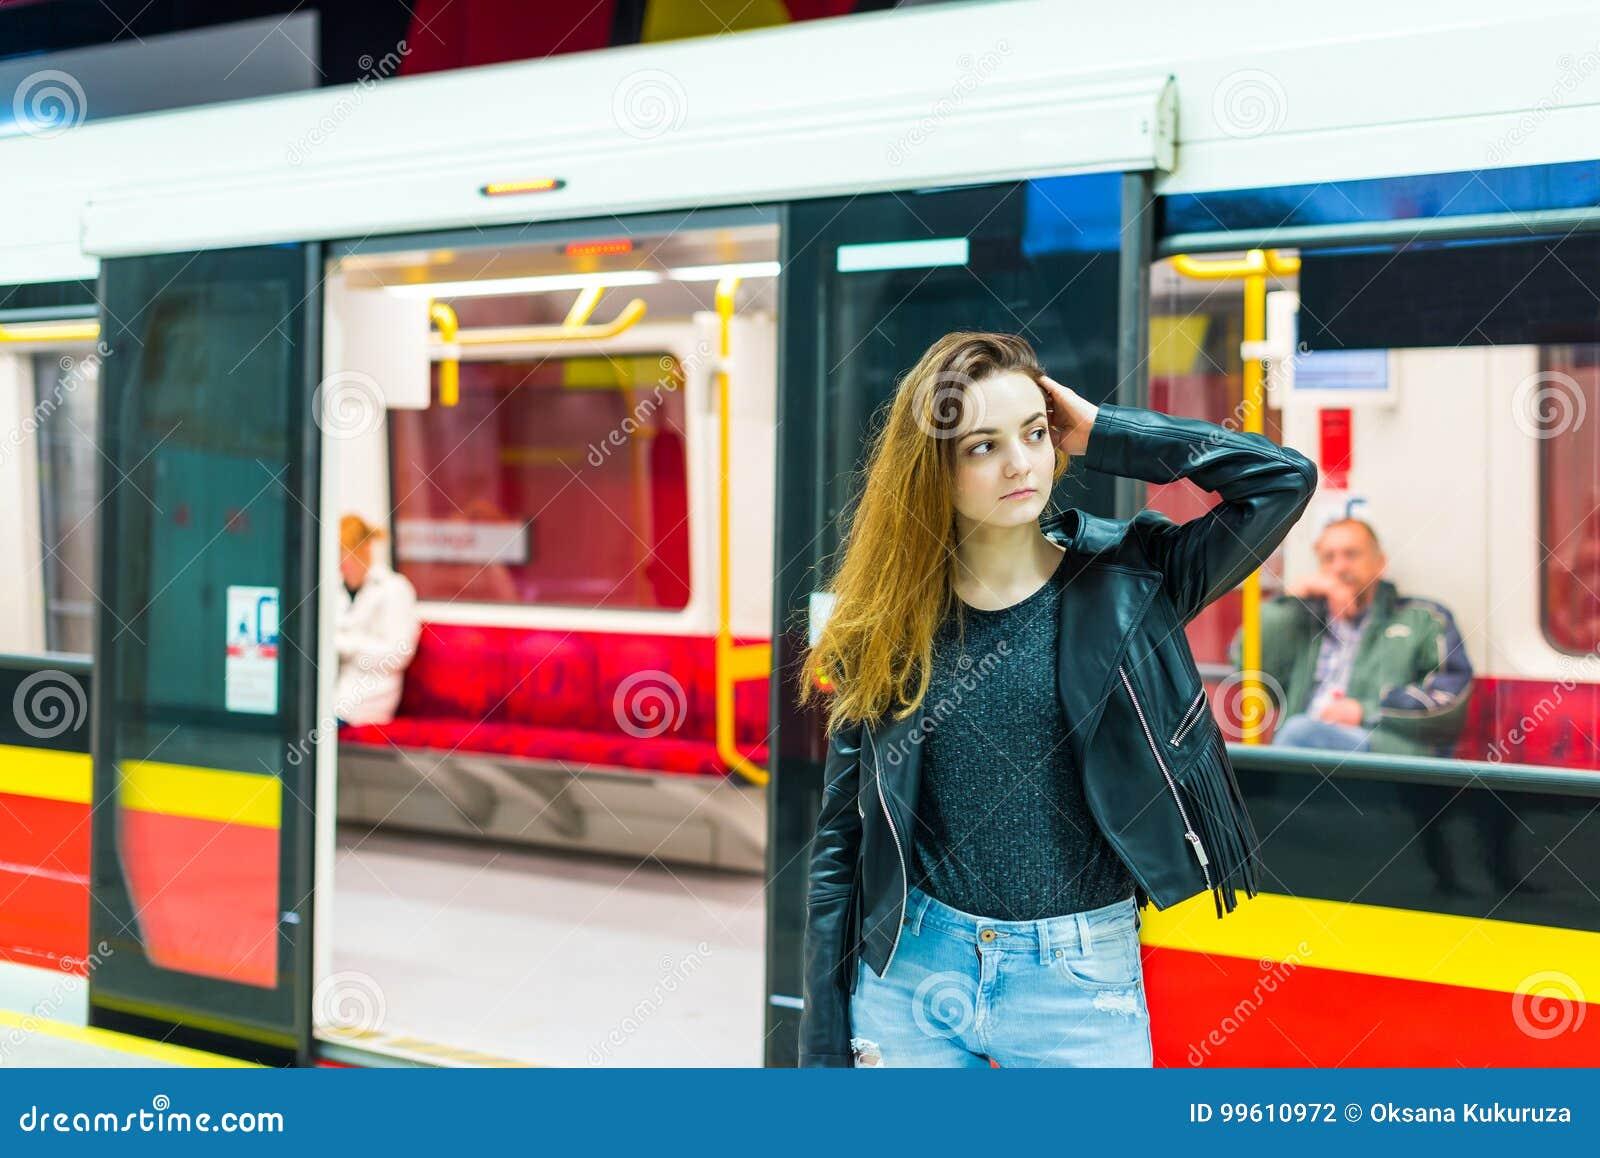 Снят девушка в метро пражский